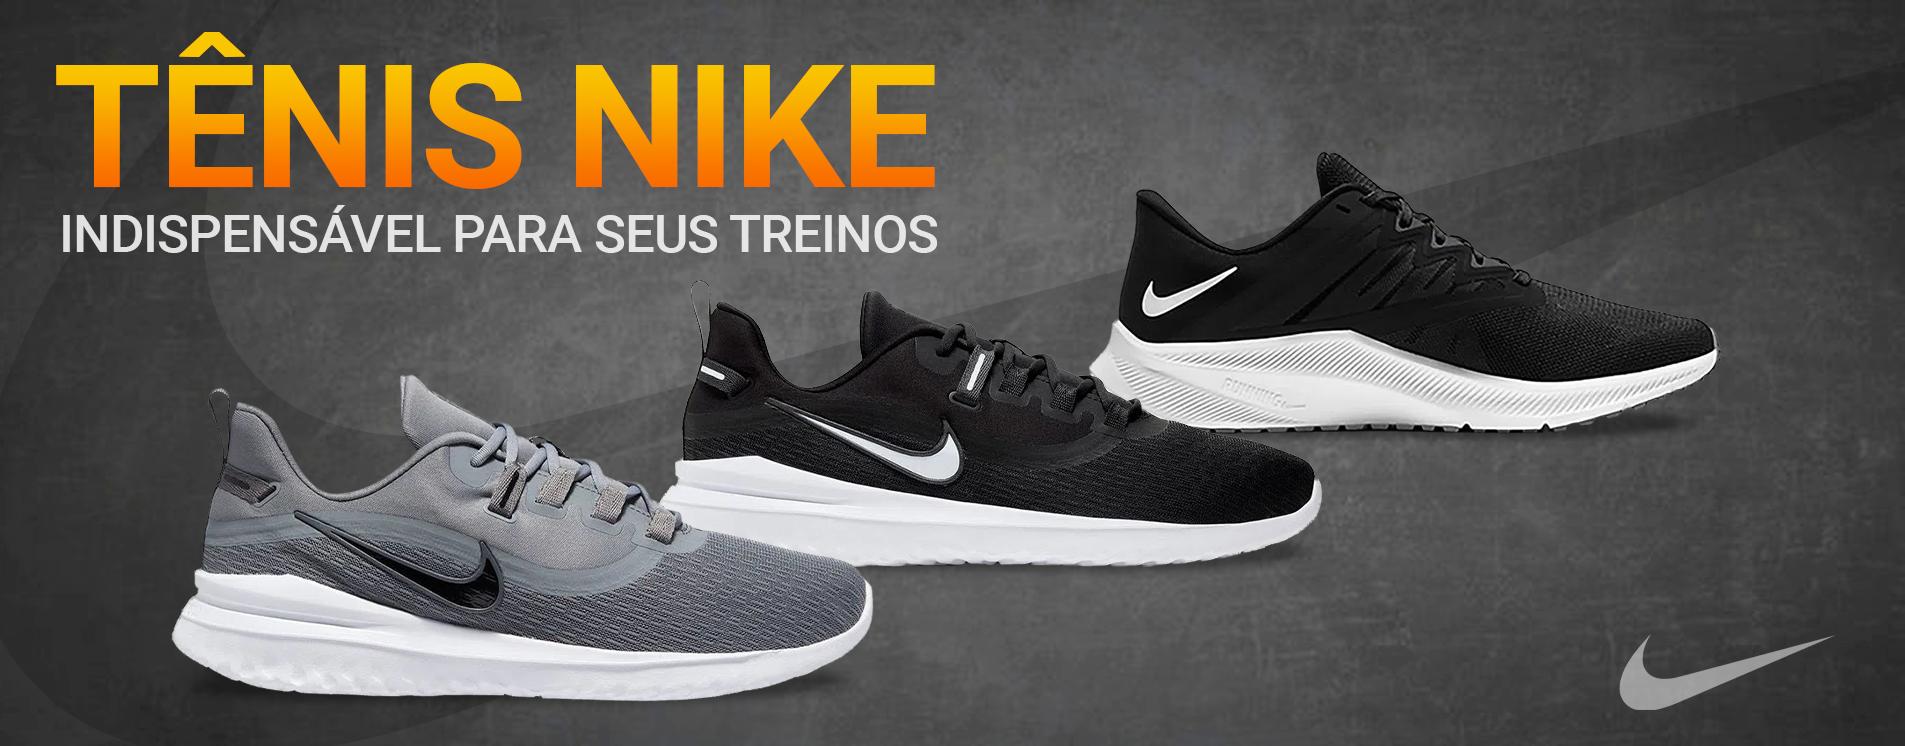 Tênis Nike - Web